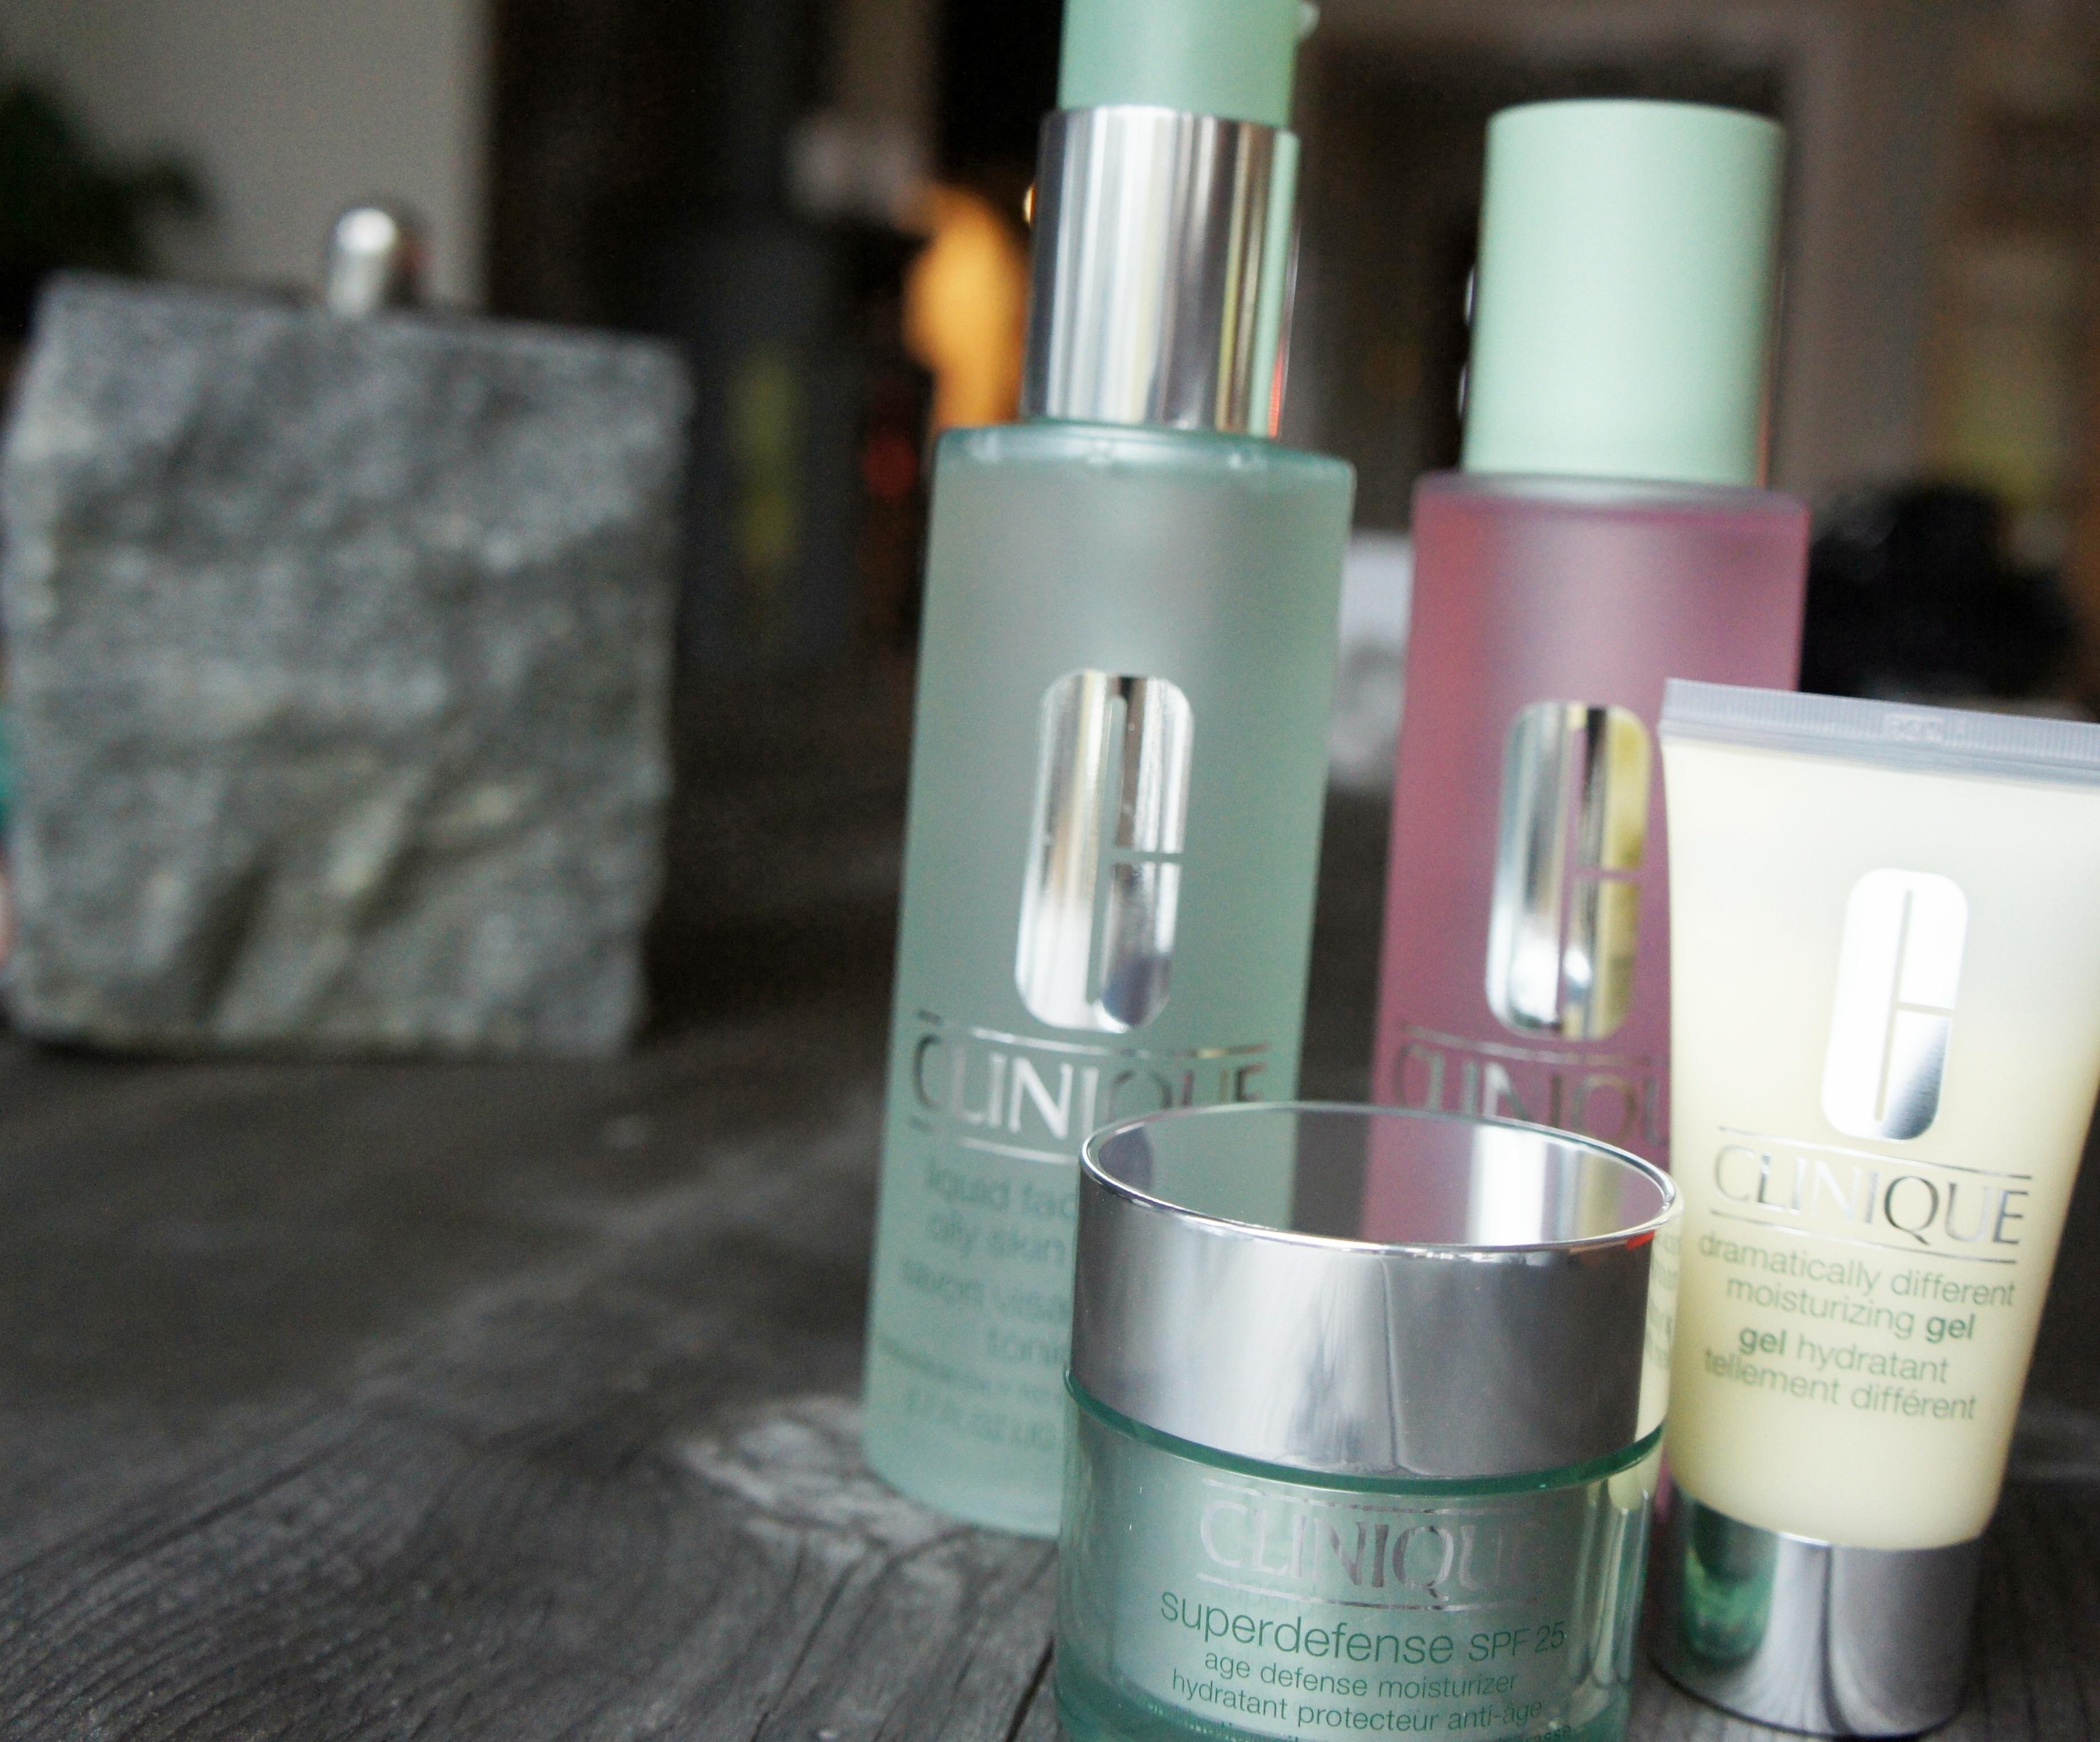 Clinique's hudvårdsprodukter